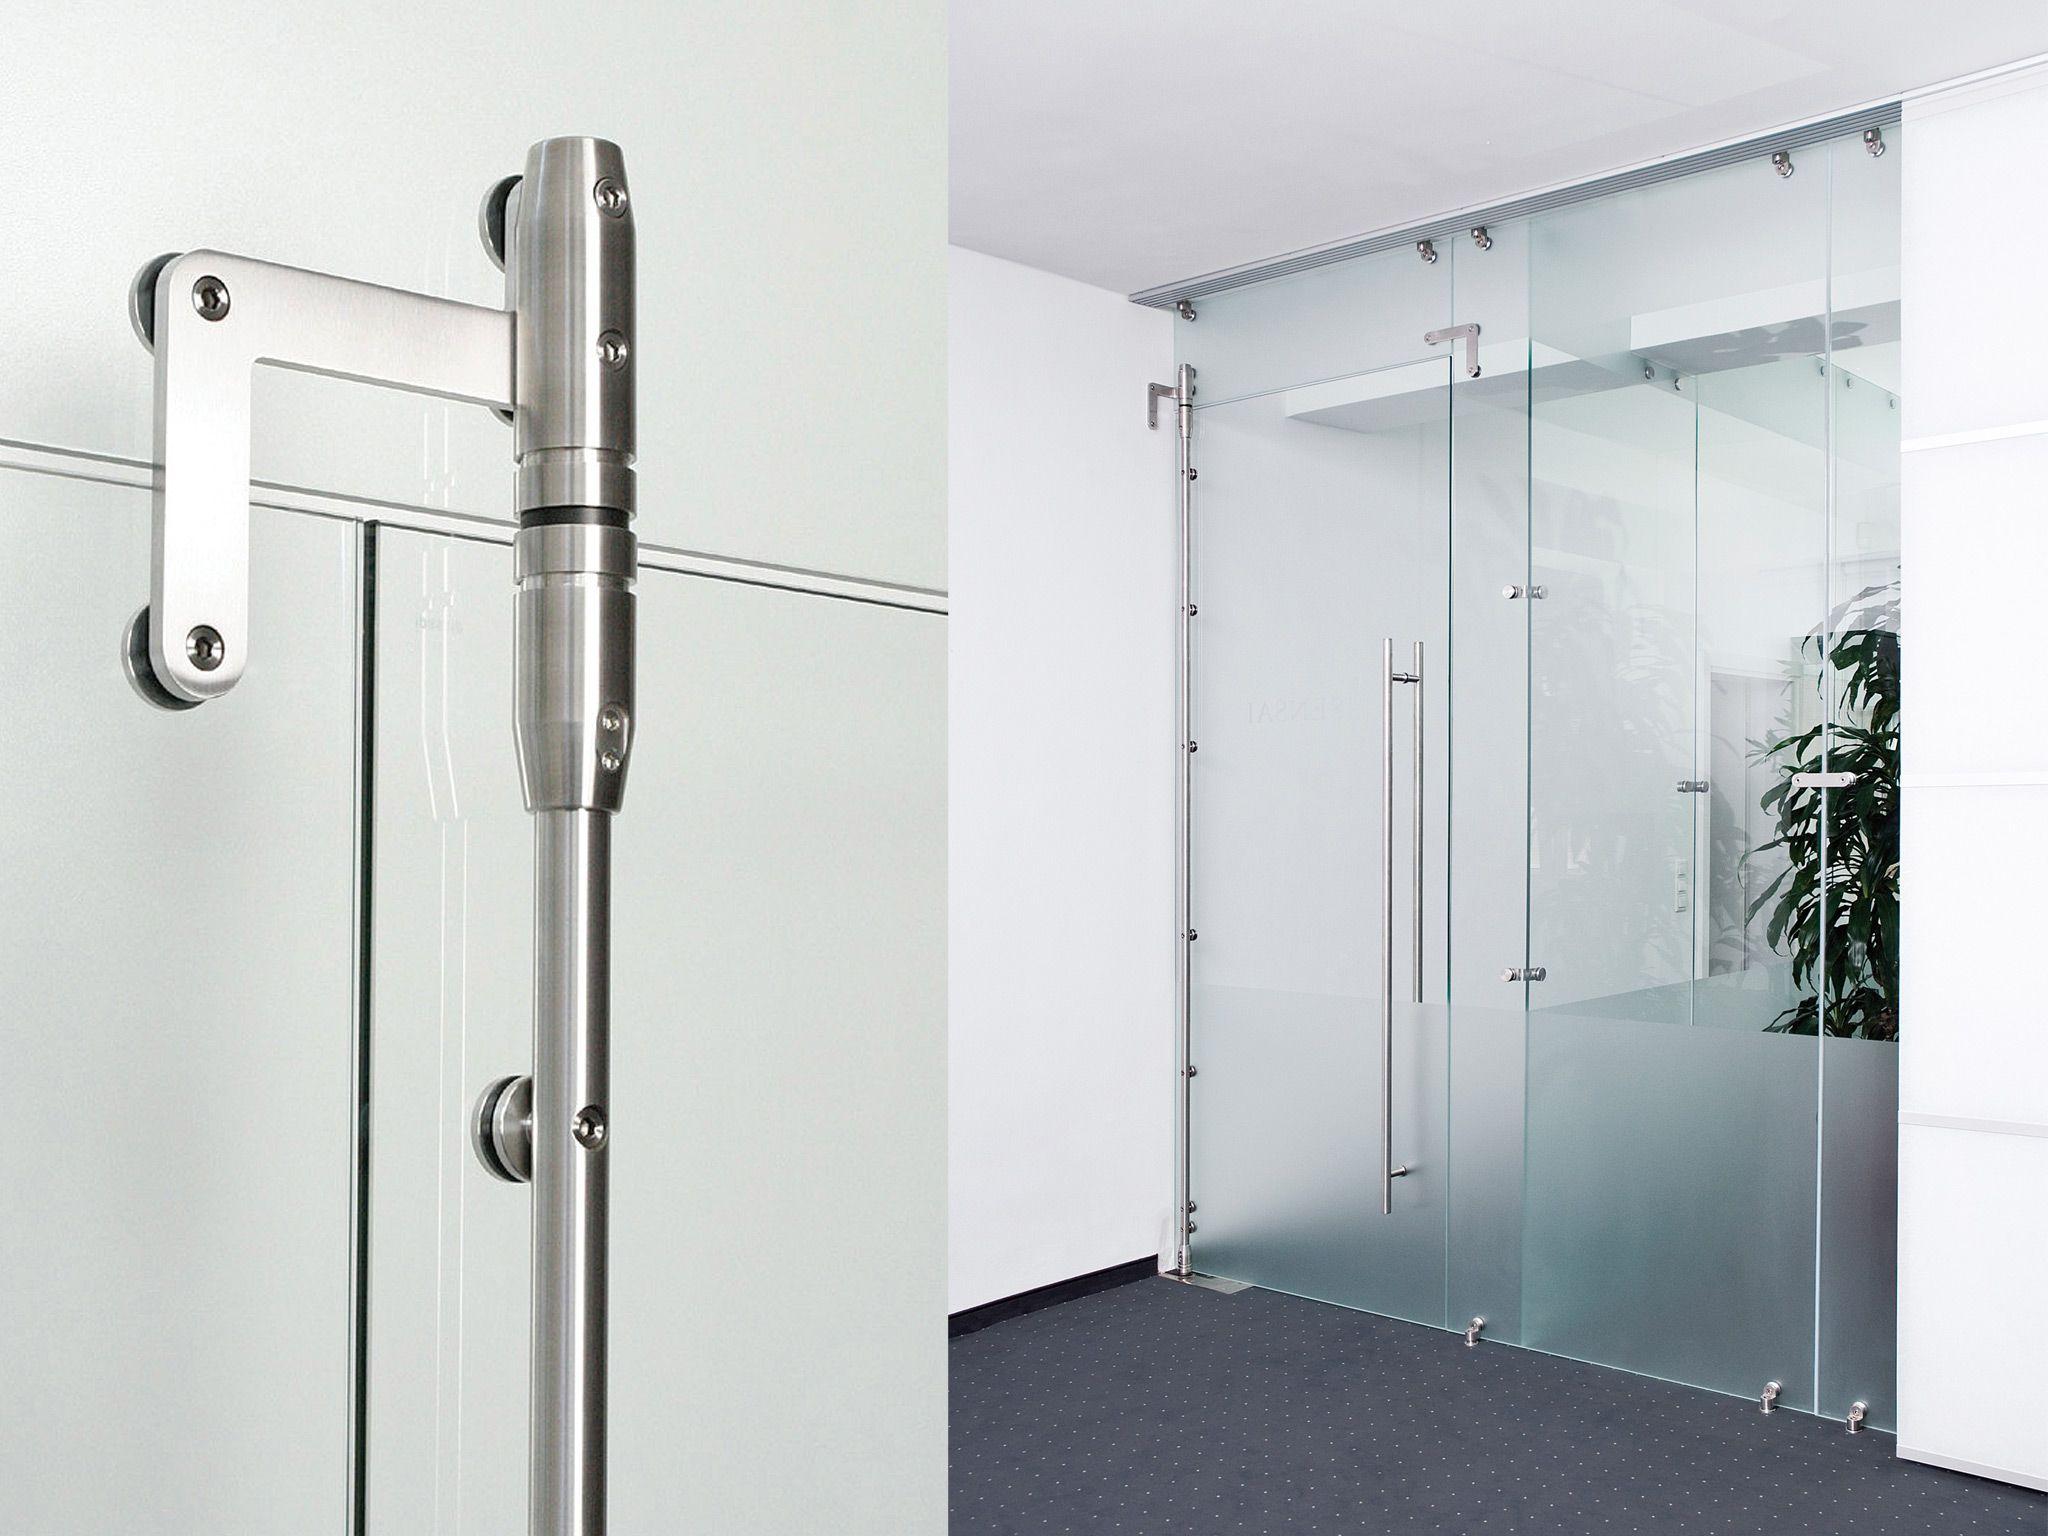 specialty doors u0026 hardware | MWE Pivot Hardware & specialty doors u0026 hardware | MWE Pivot Hardware | McNichols Phase ... pezcame.com